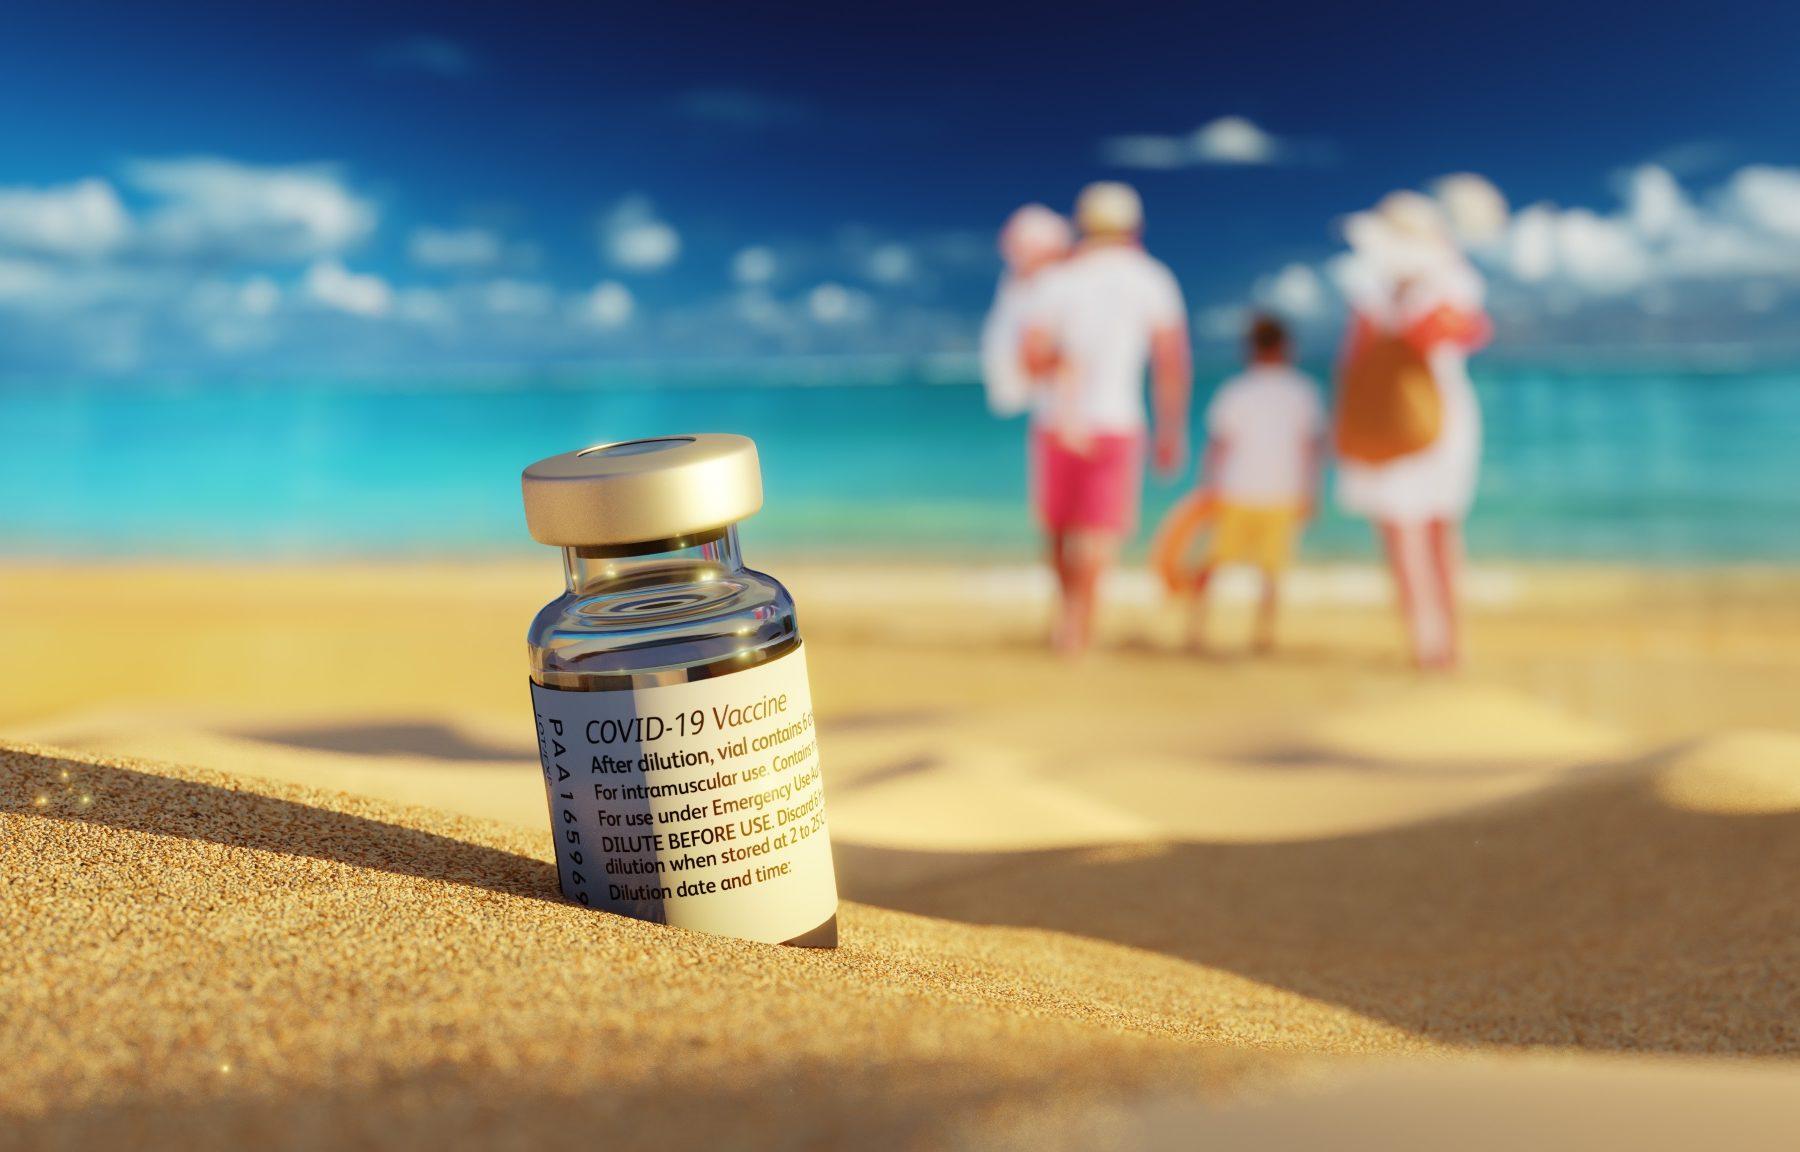 Corona-Impfung im Urlaub